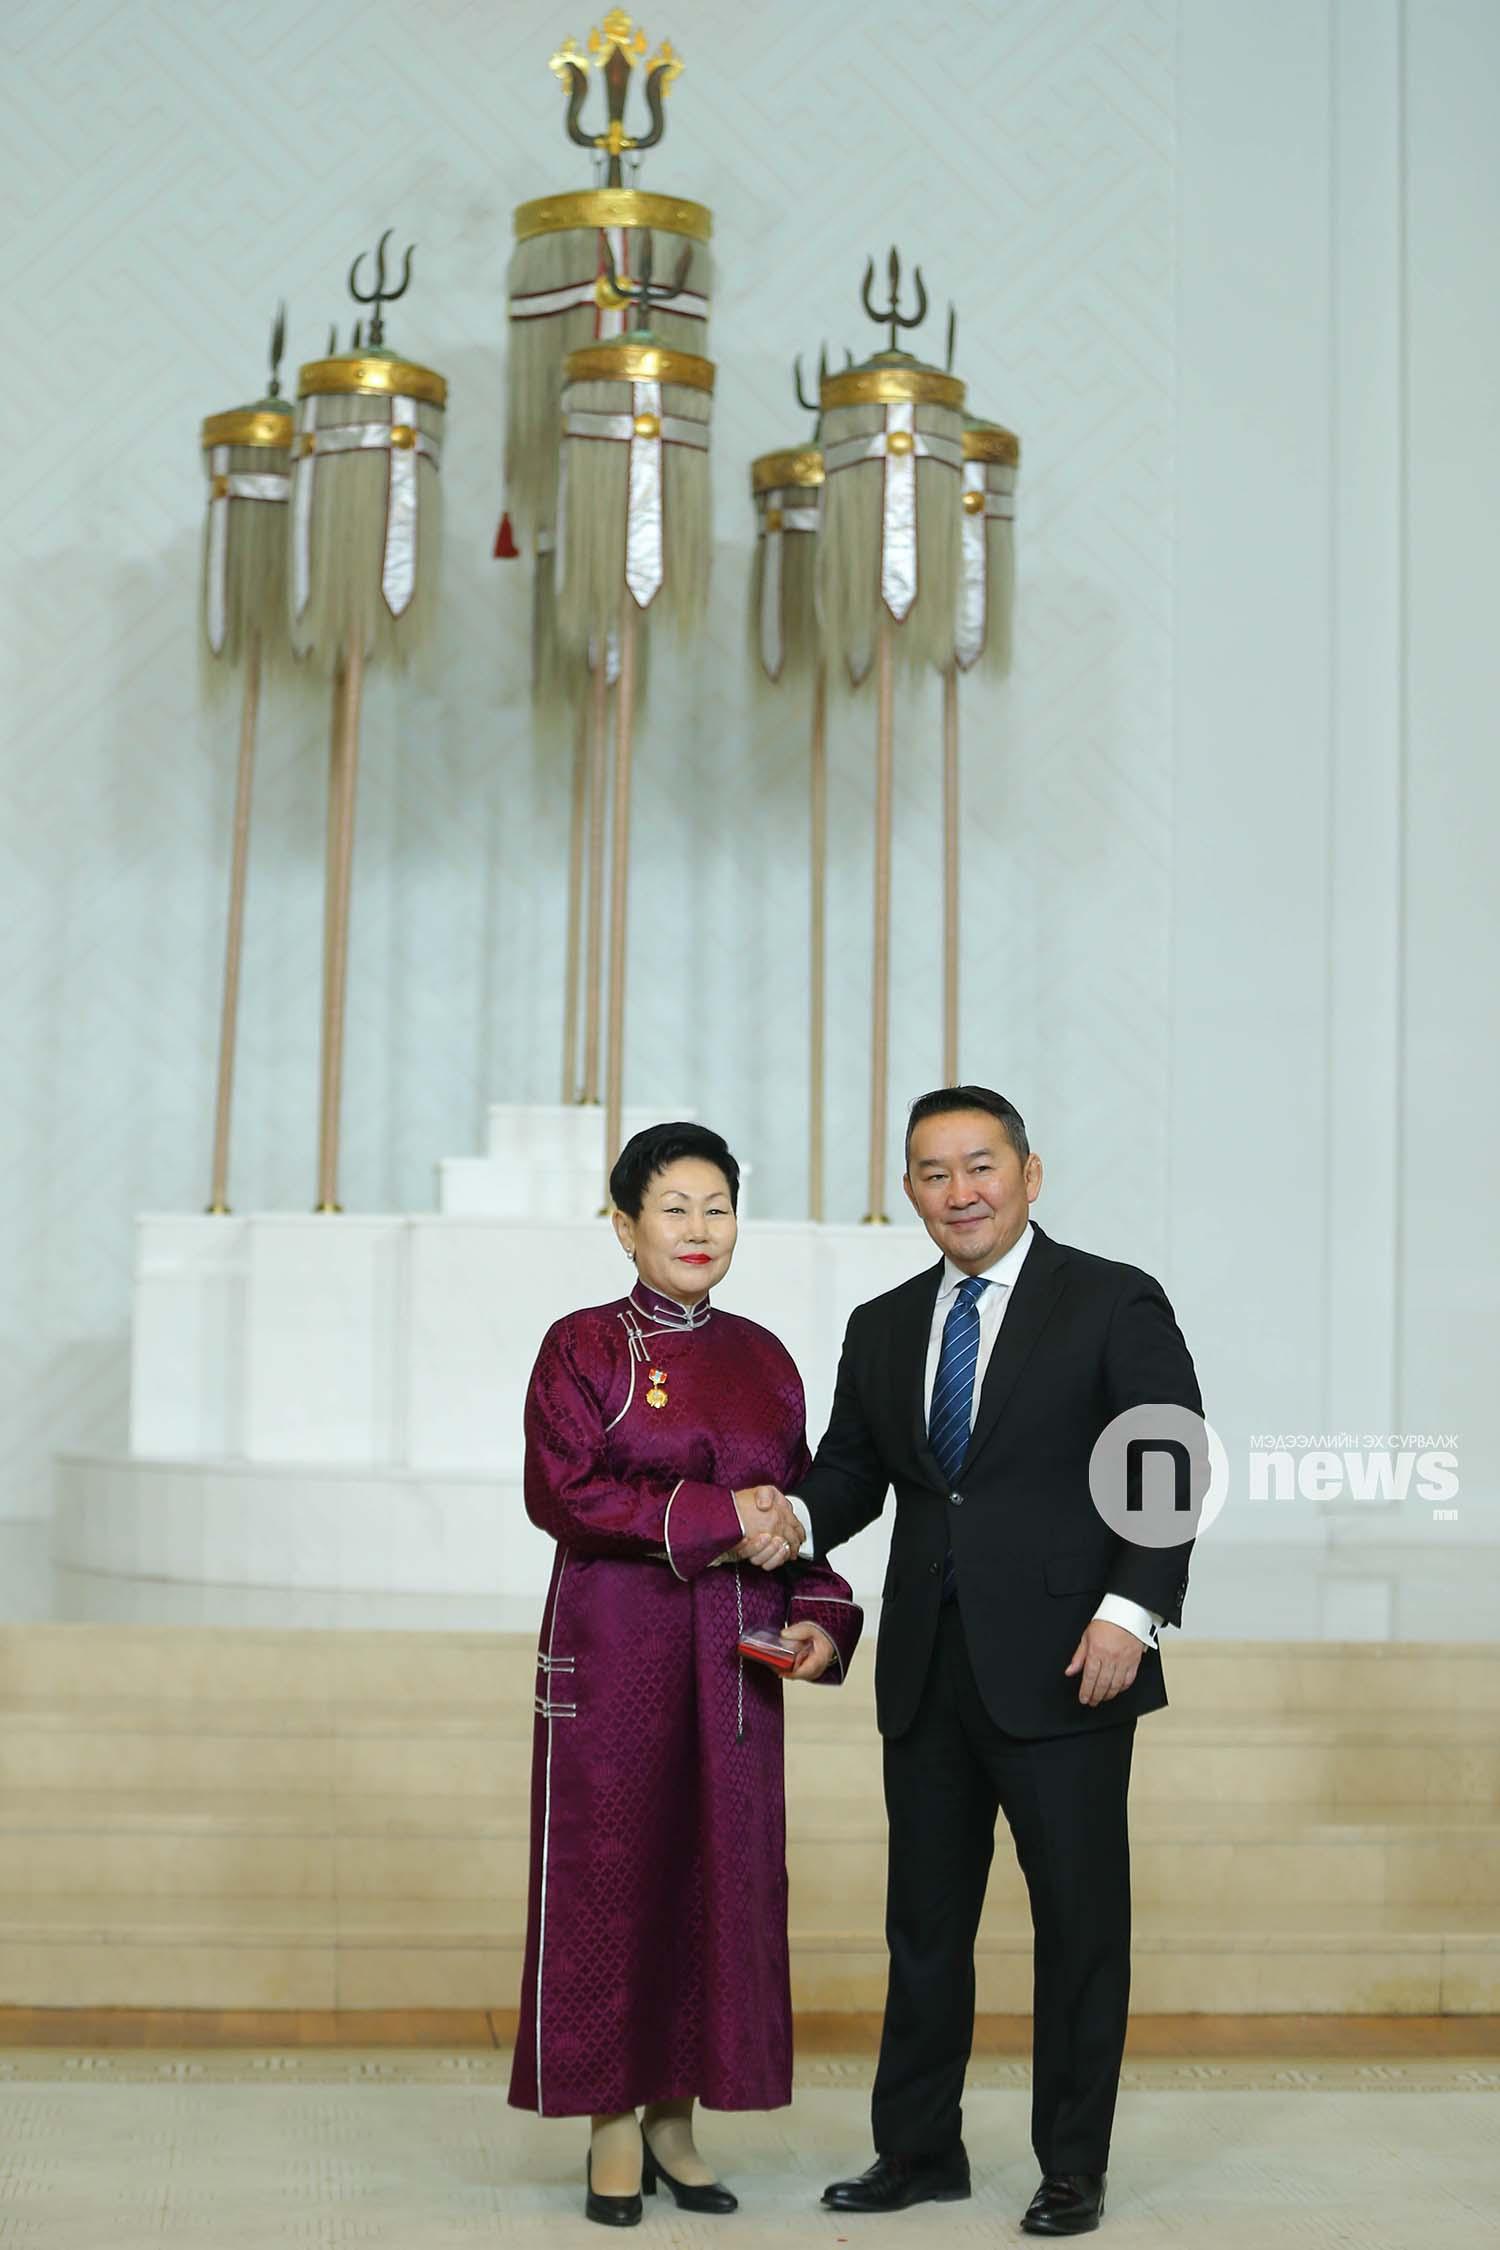 Монгол Улсын Ерөнхийлөгчийн зарлигаар Төрийн дээд одон, медаль гардуулах ёслол (55)